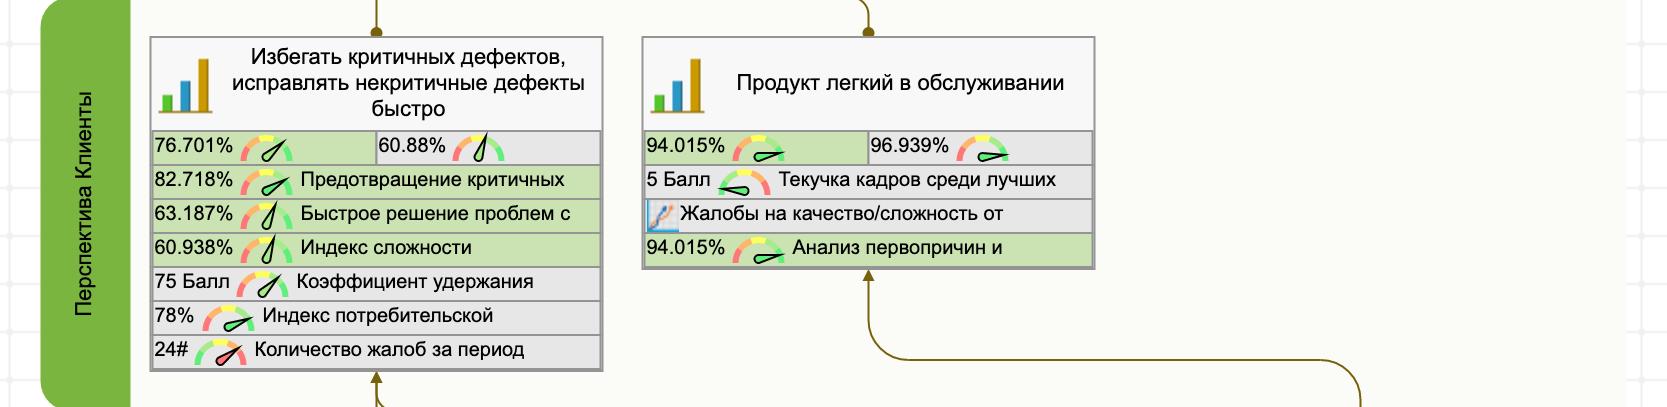 Клиентская перспектива системы показателей качества